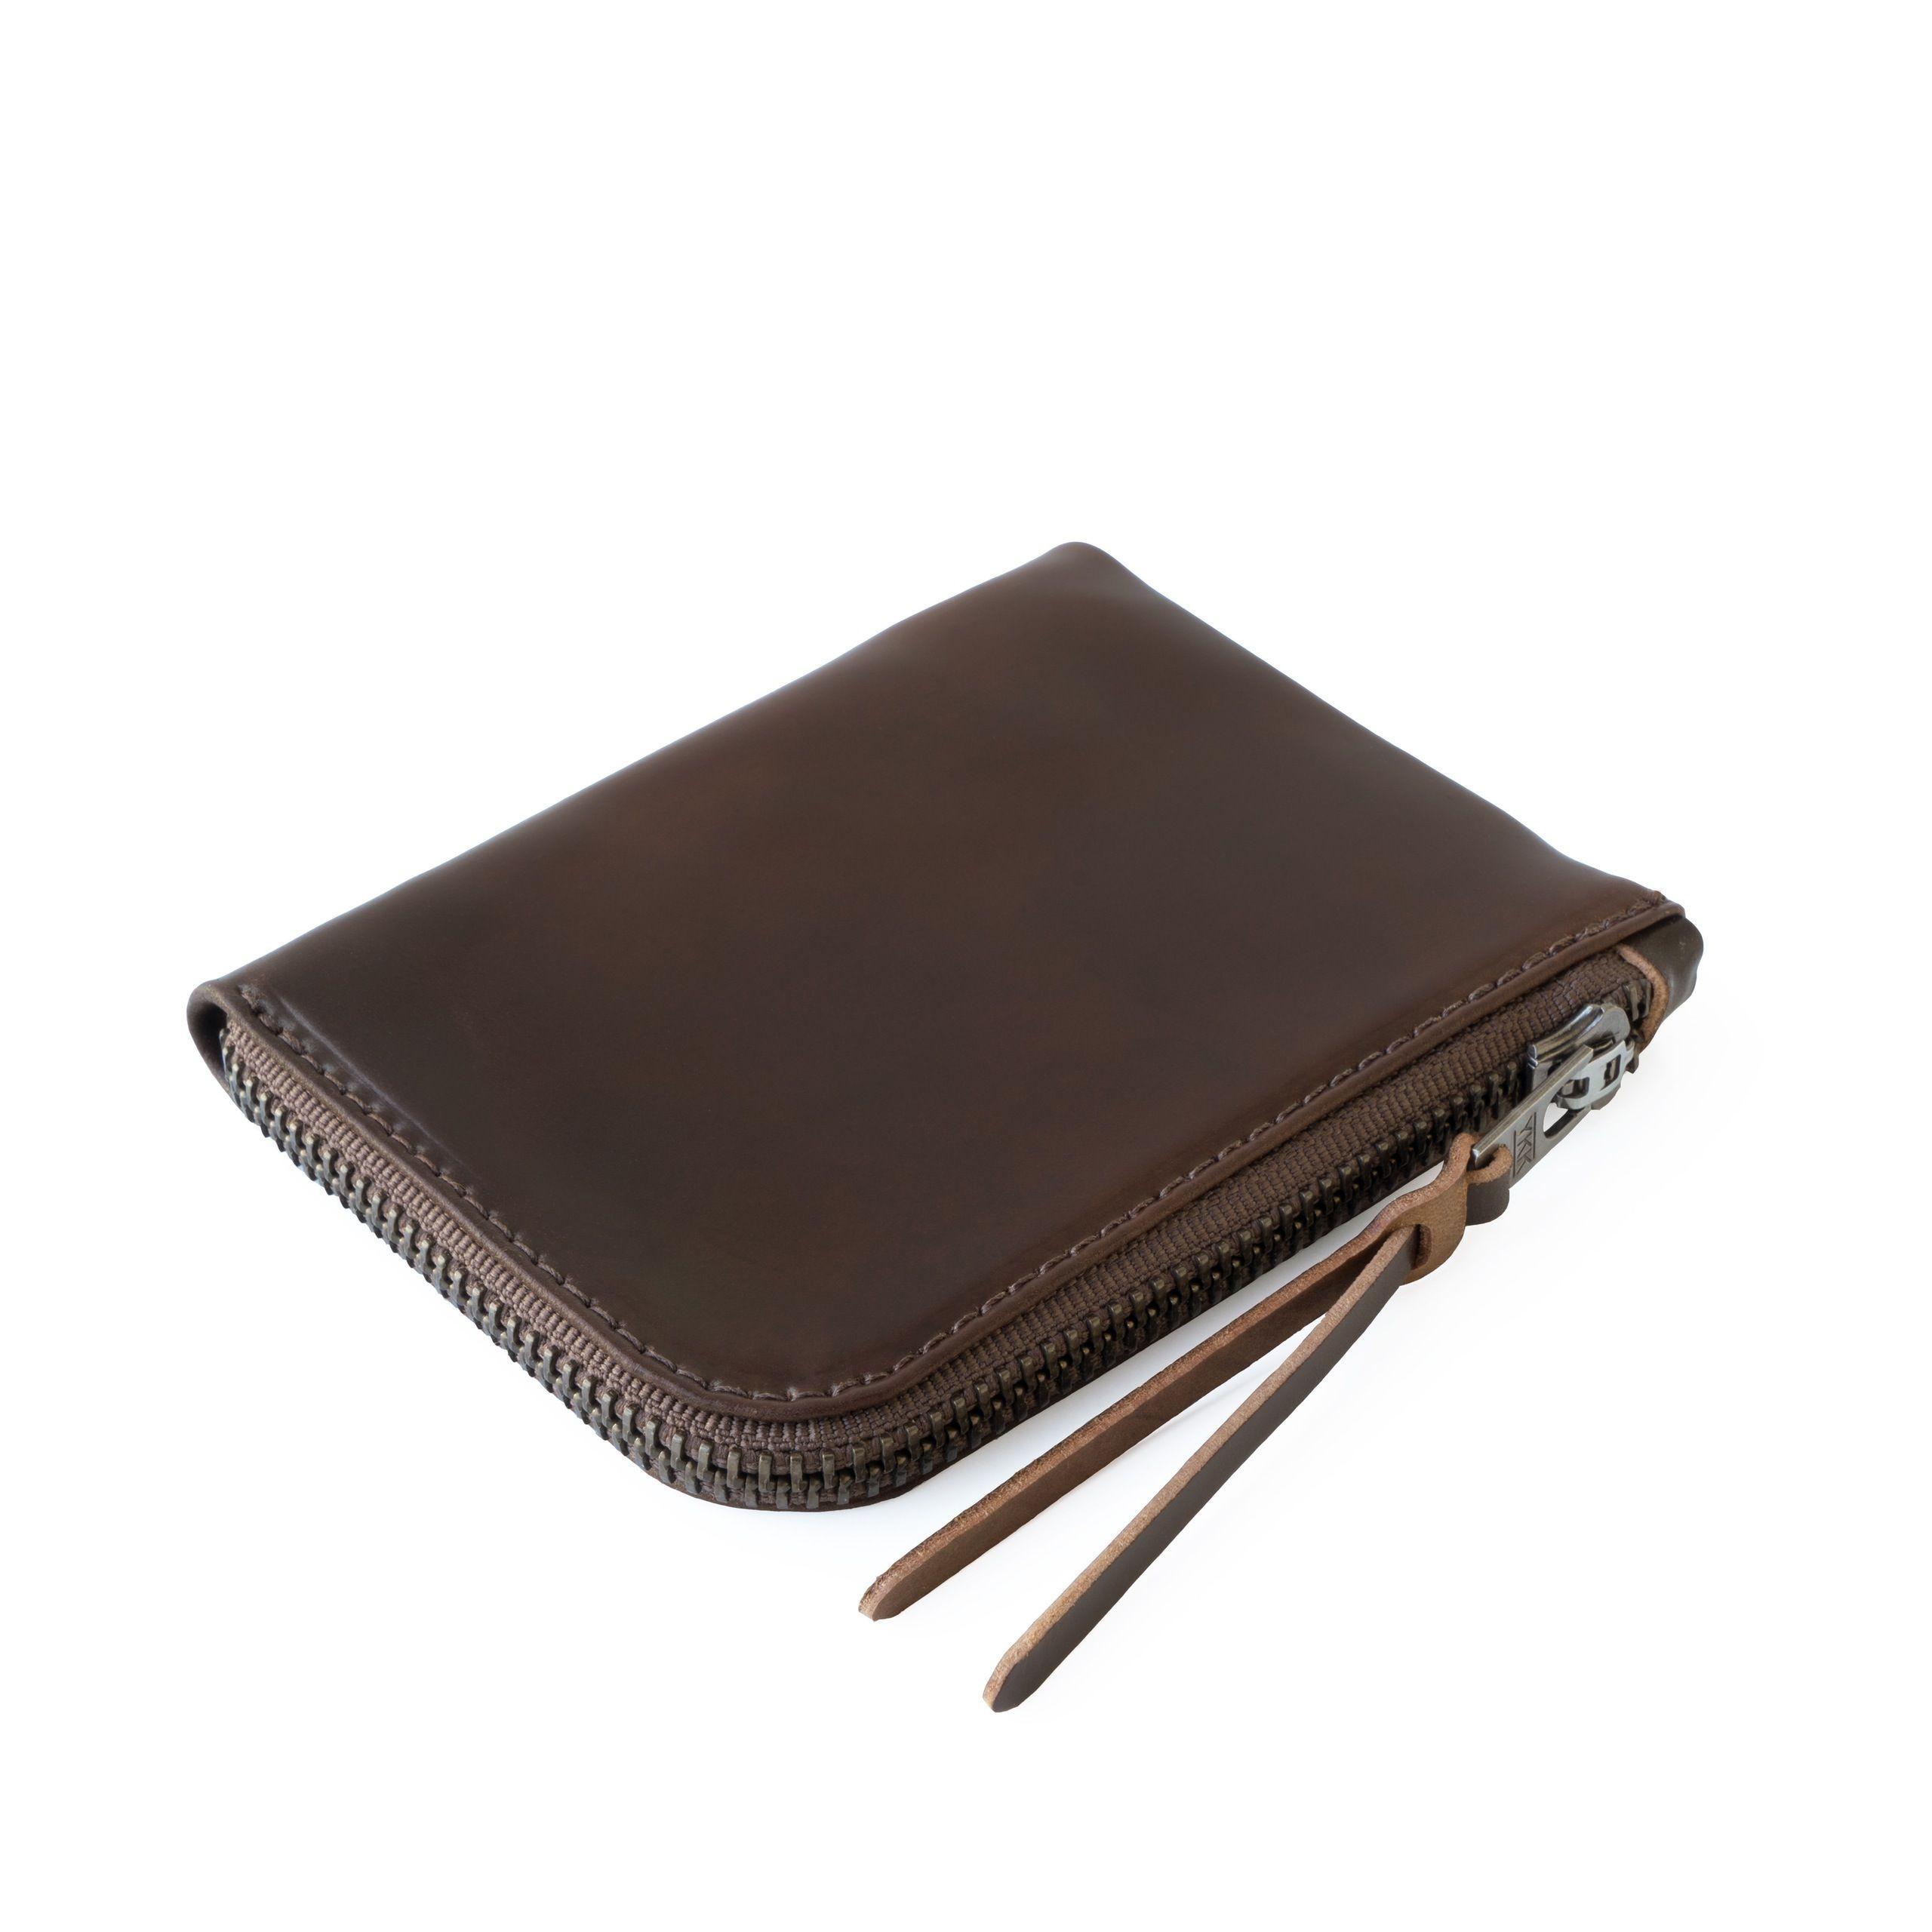 Cordovan Zip Slim Wallet | Dark Cognac Horween Shell Cordovan Leather